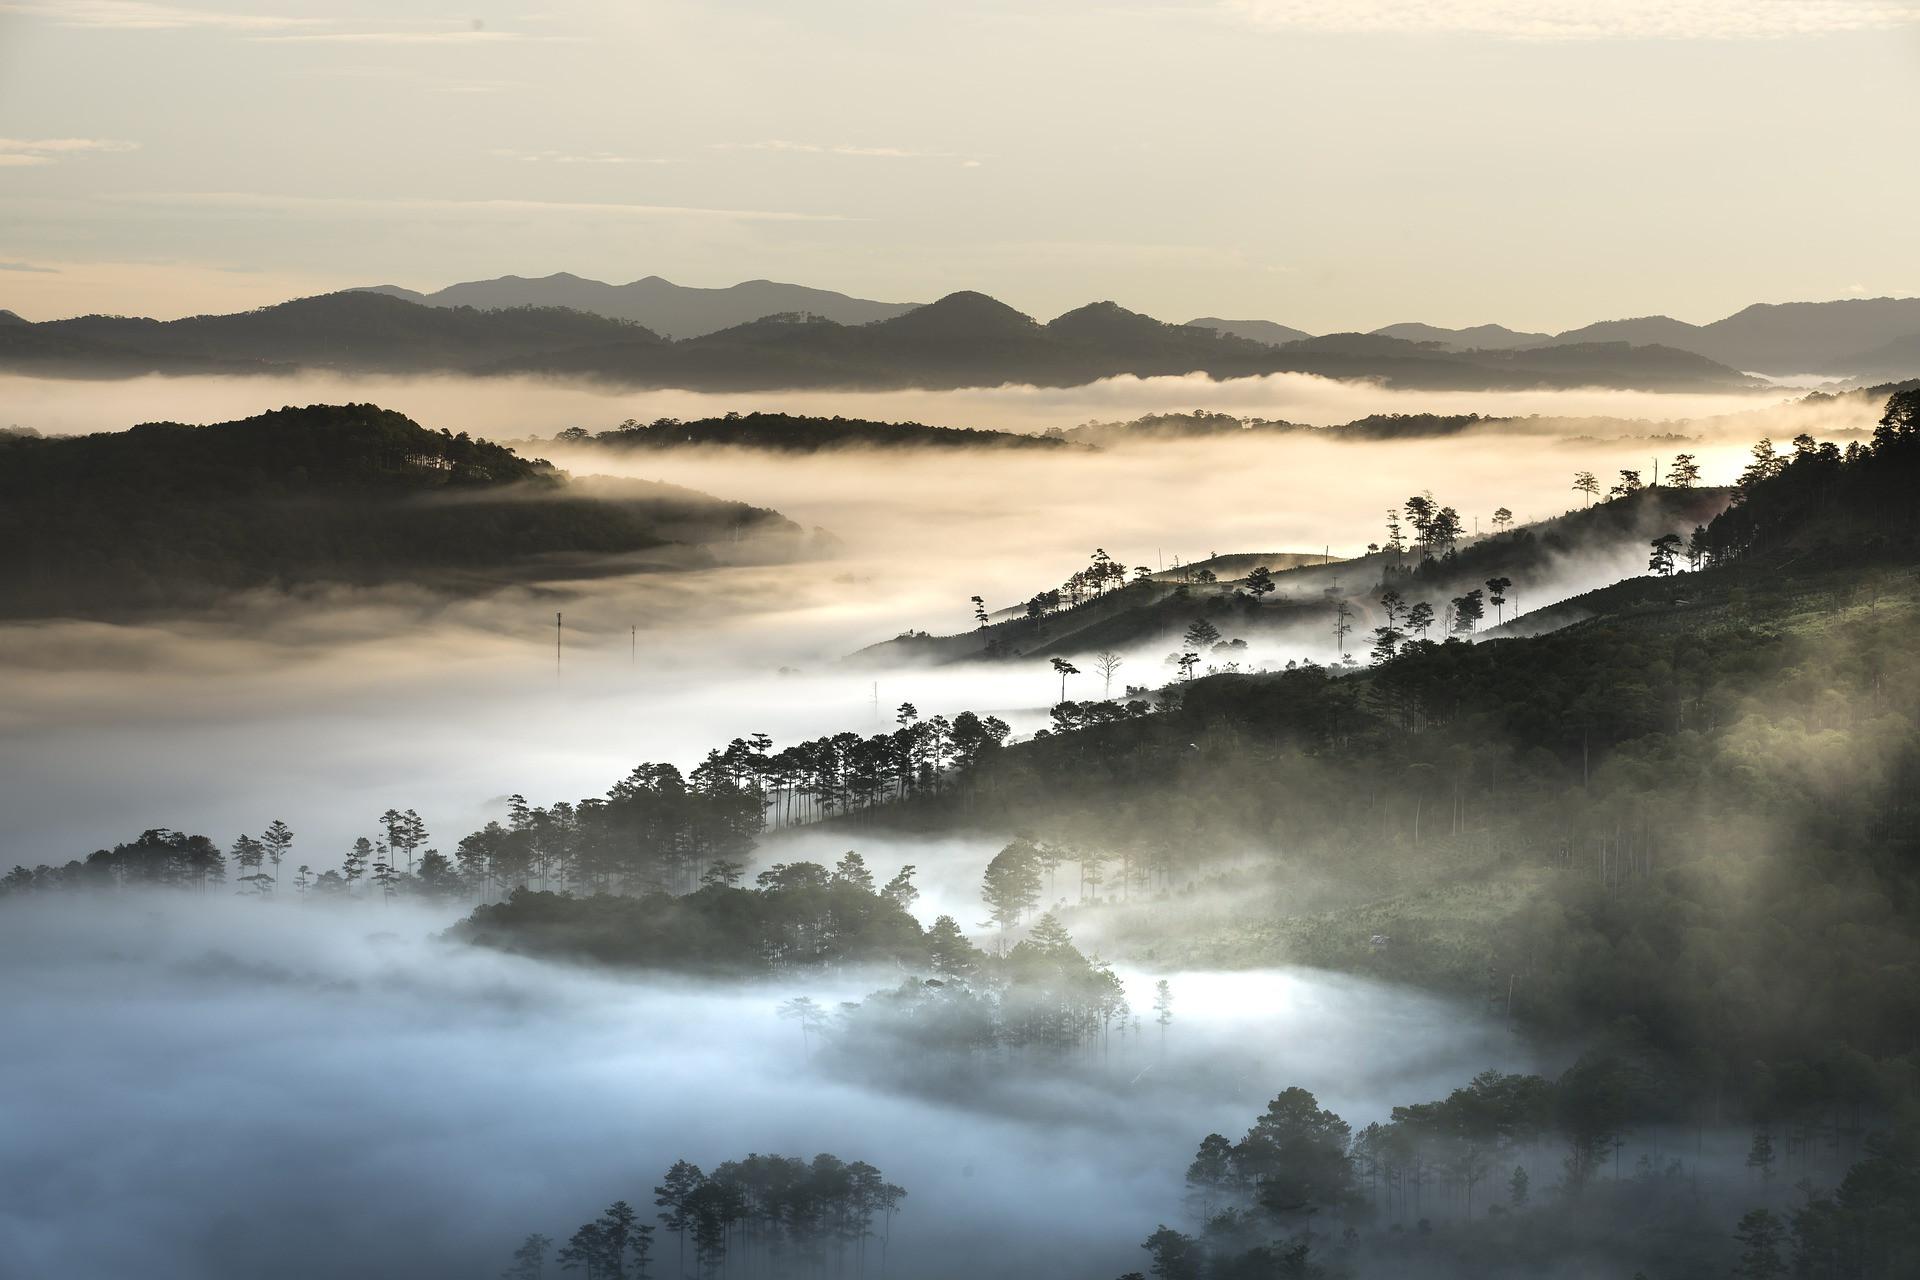 dalat-mountain-in-the-cloud